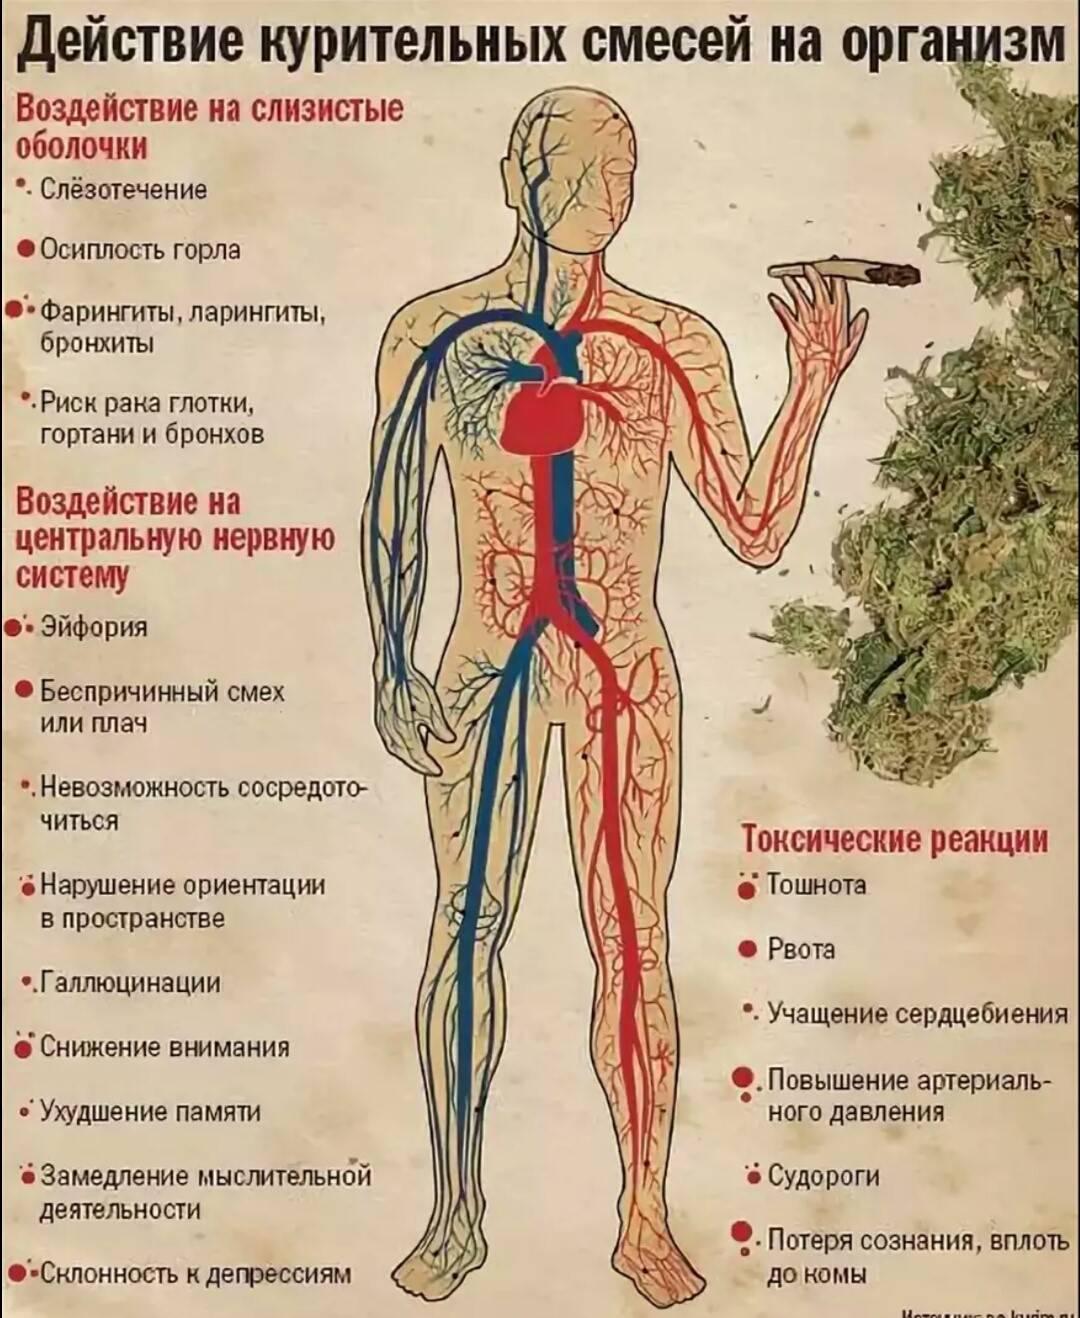 Сколько держатся наркотики в крови и моче